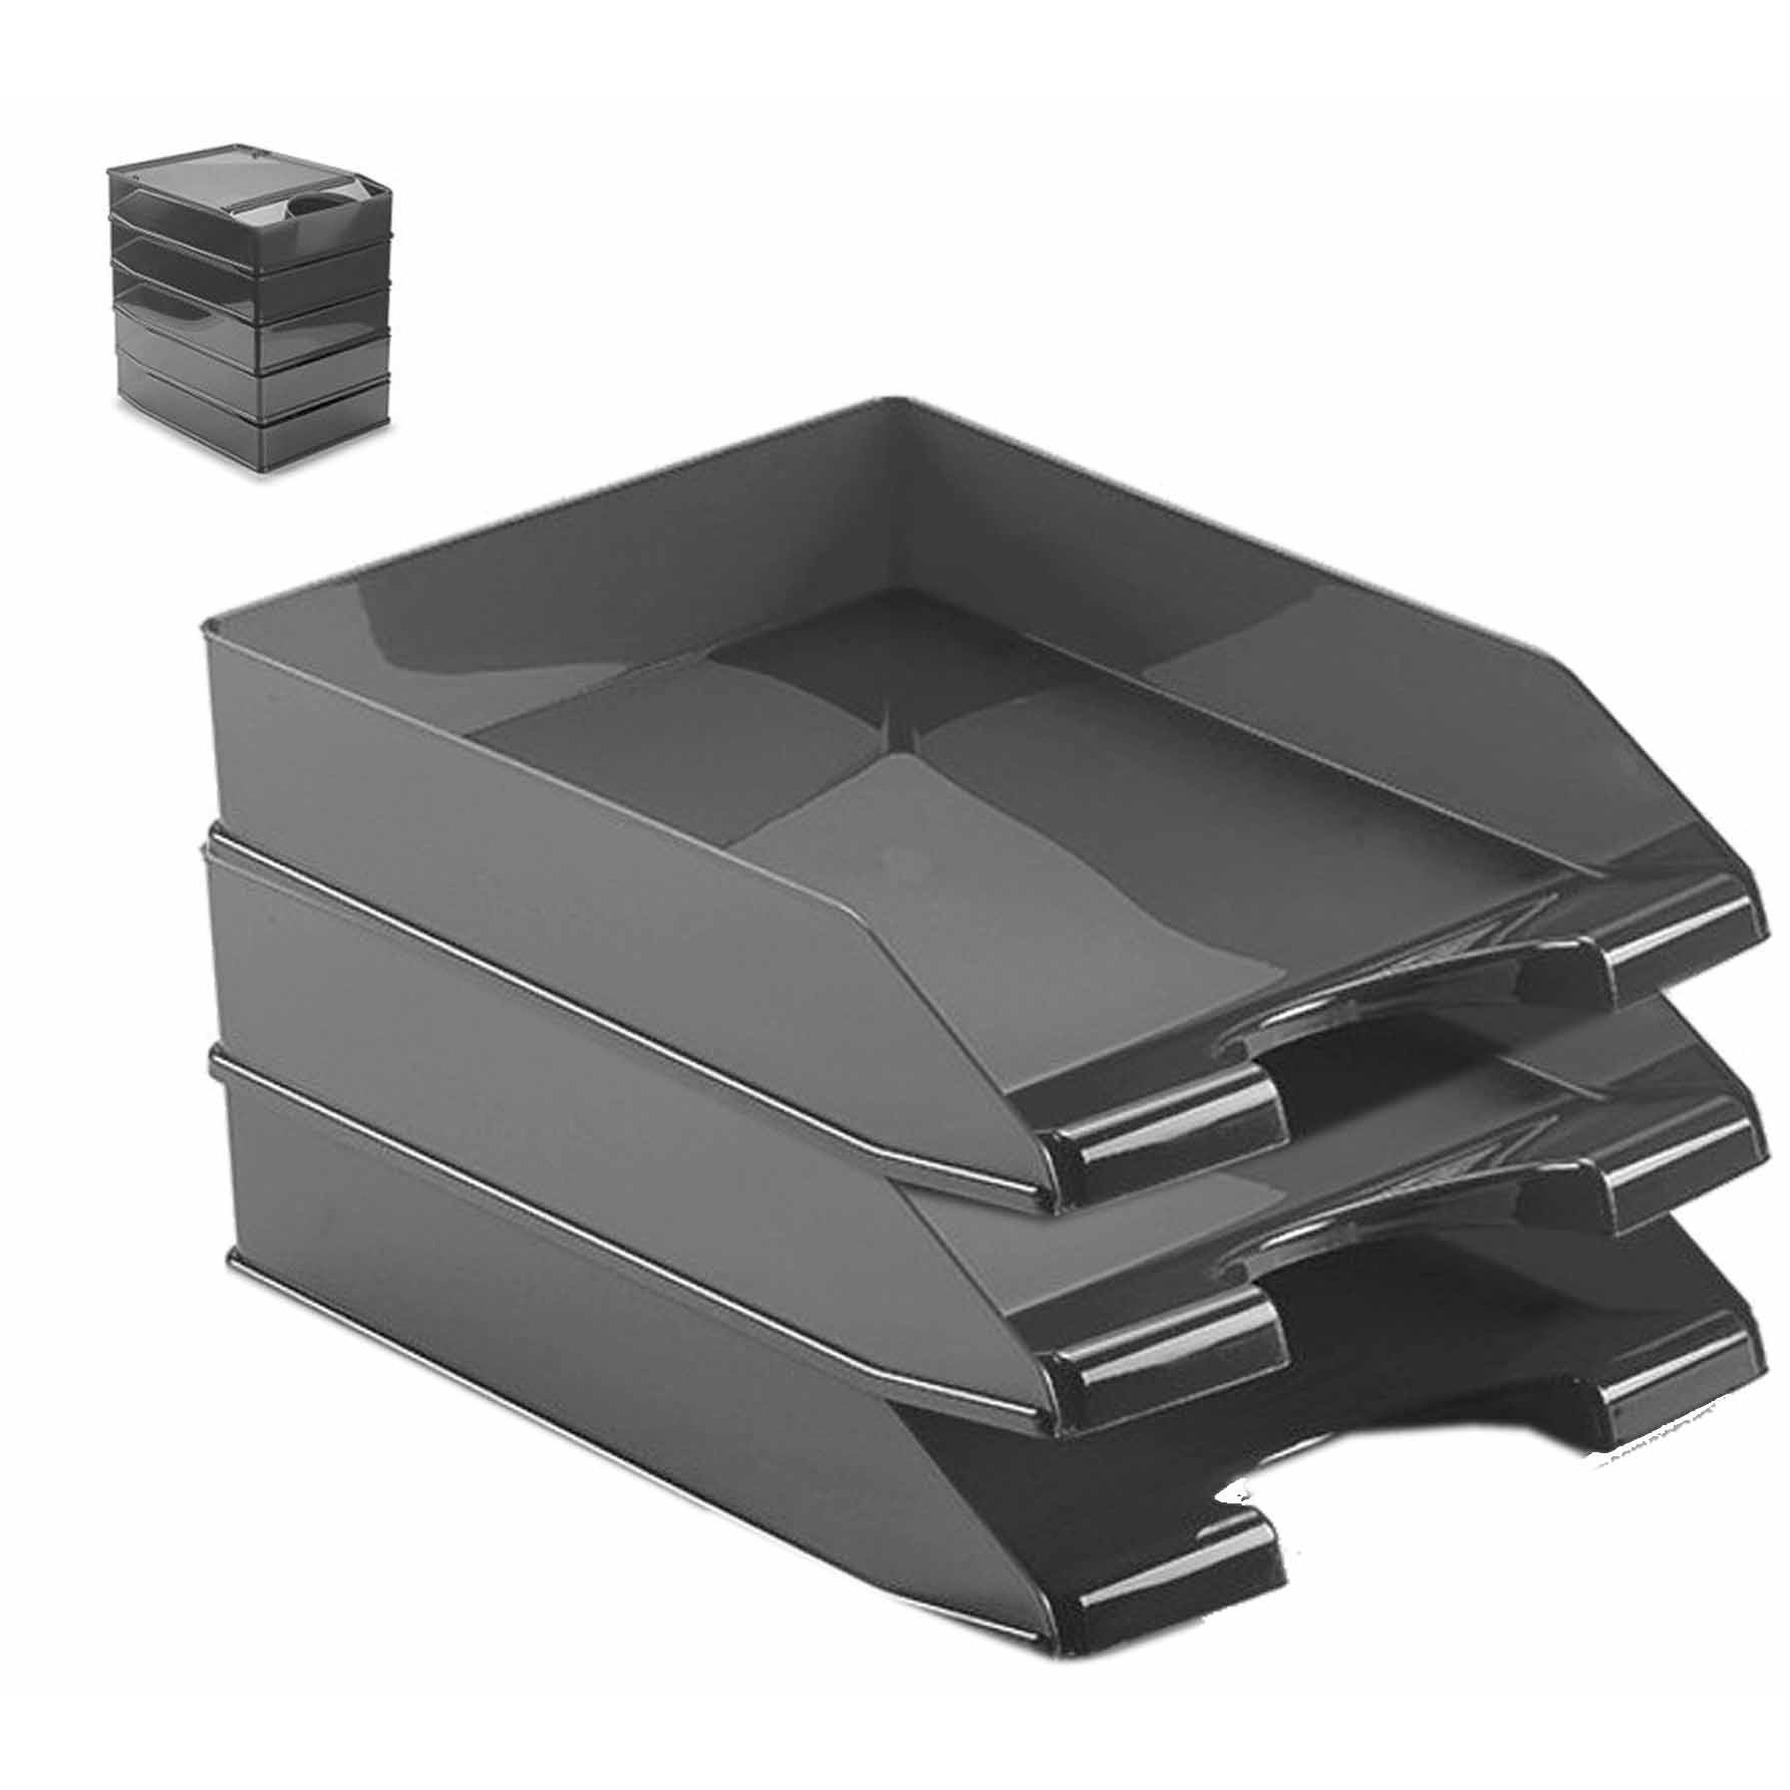 Pakket van 5x stuks postbakjejes zwart a4 formaat